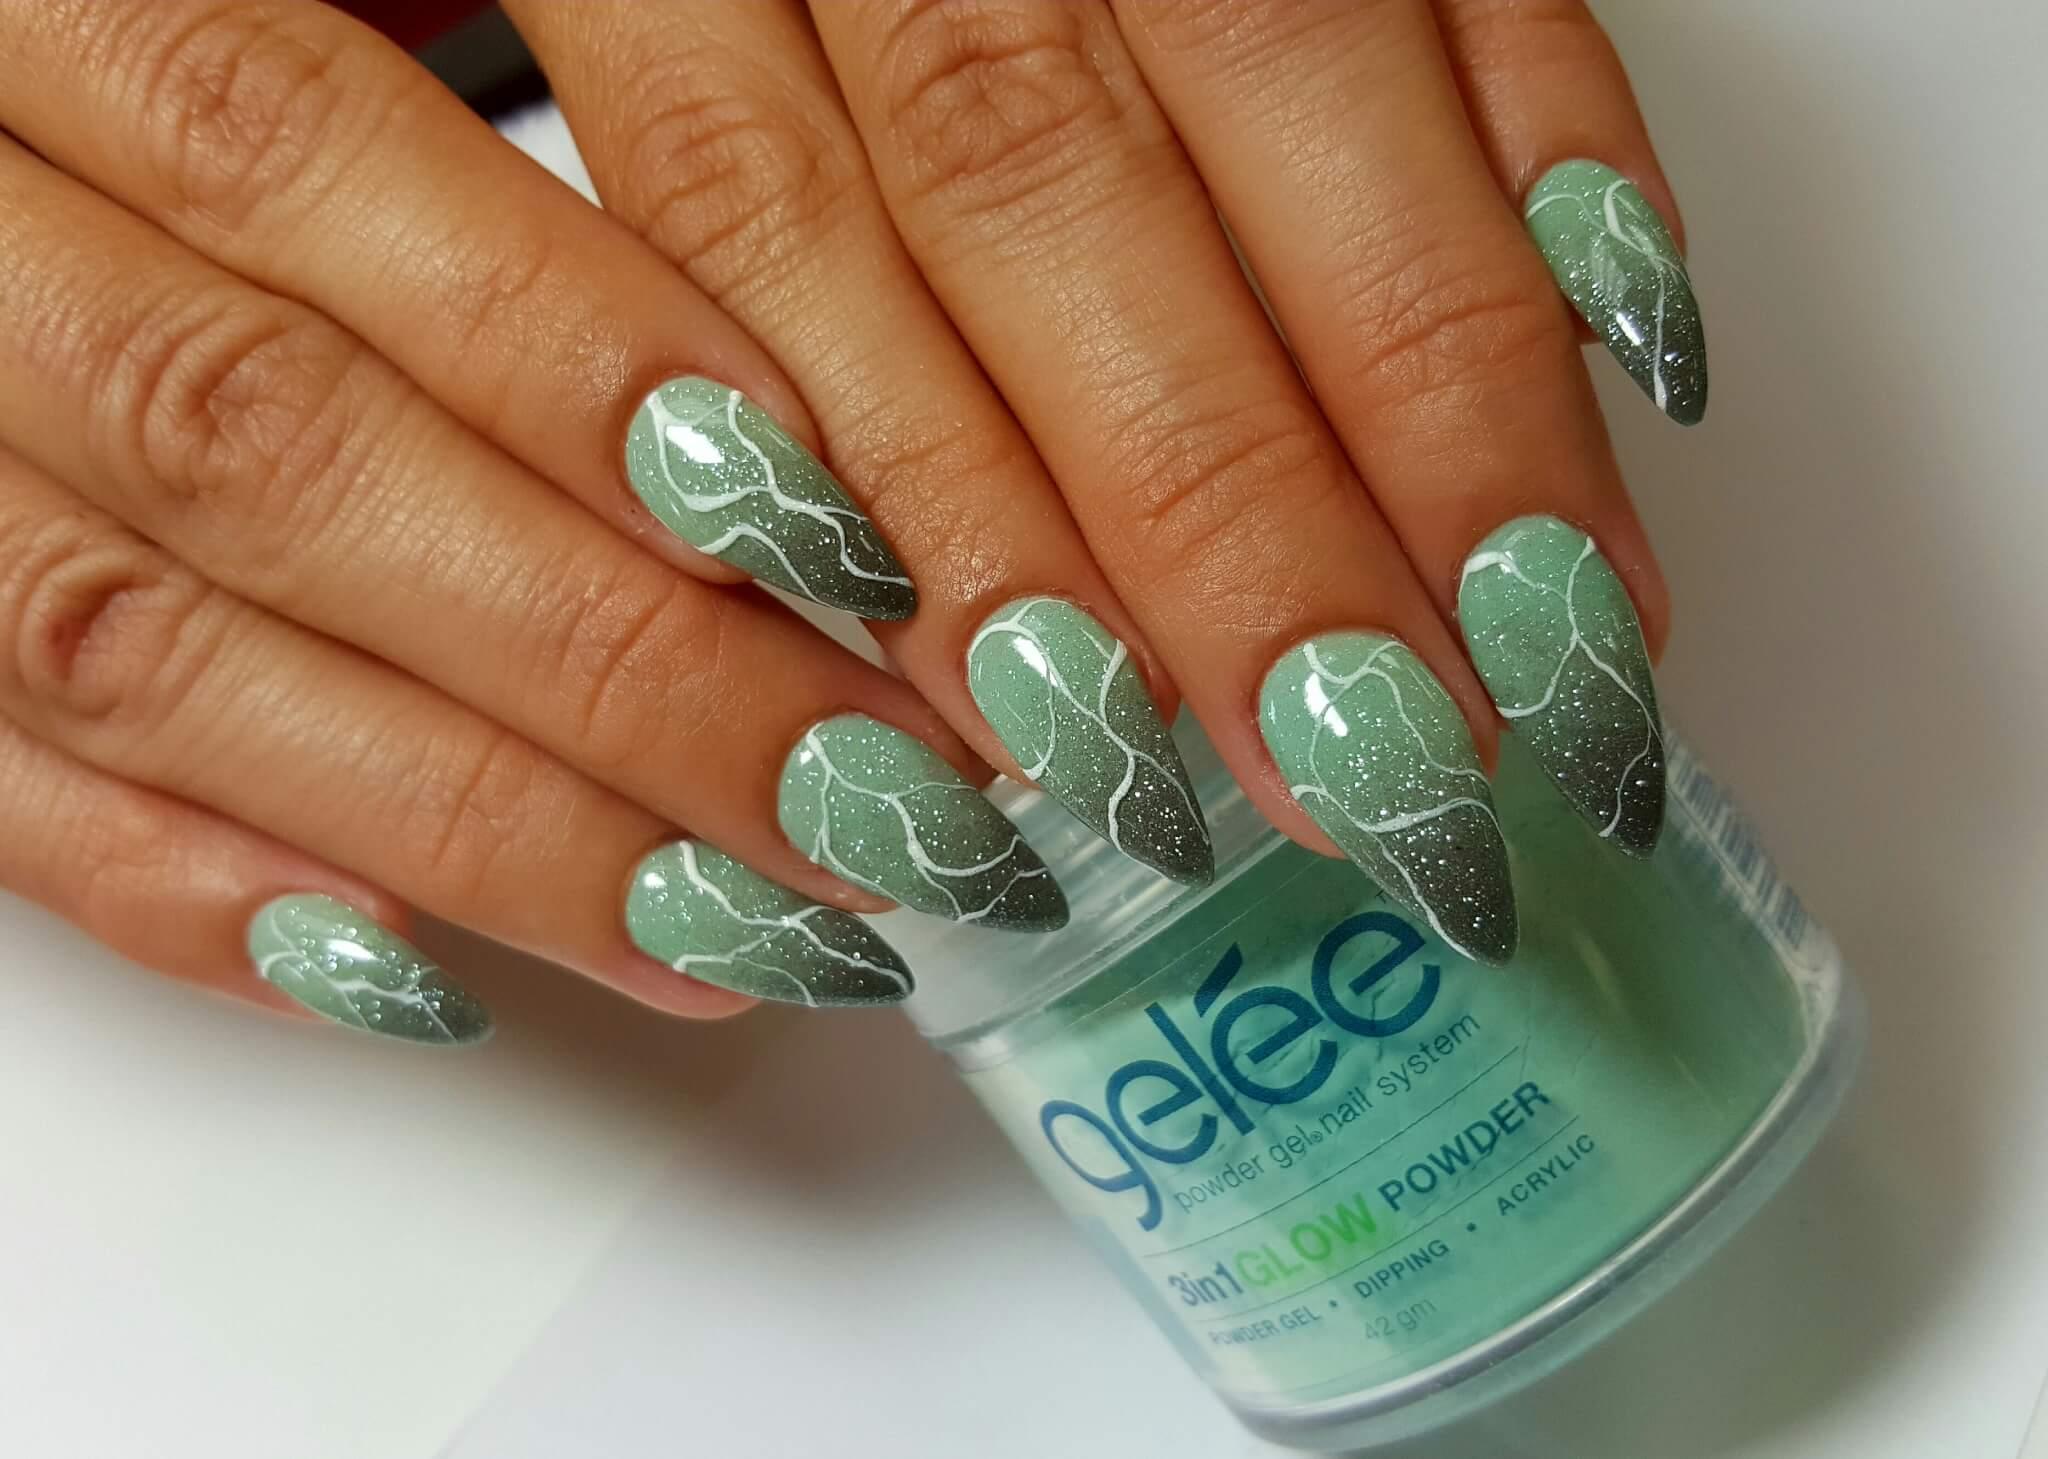 set of green and grey nails.